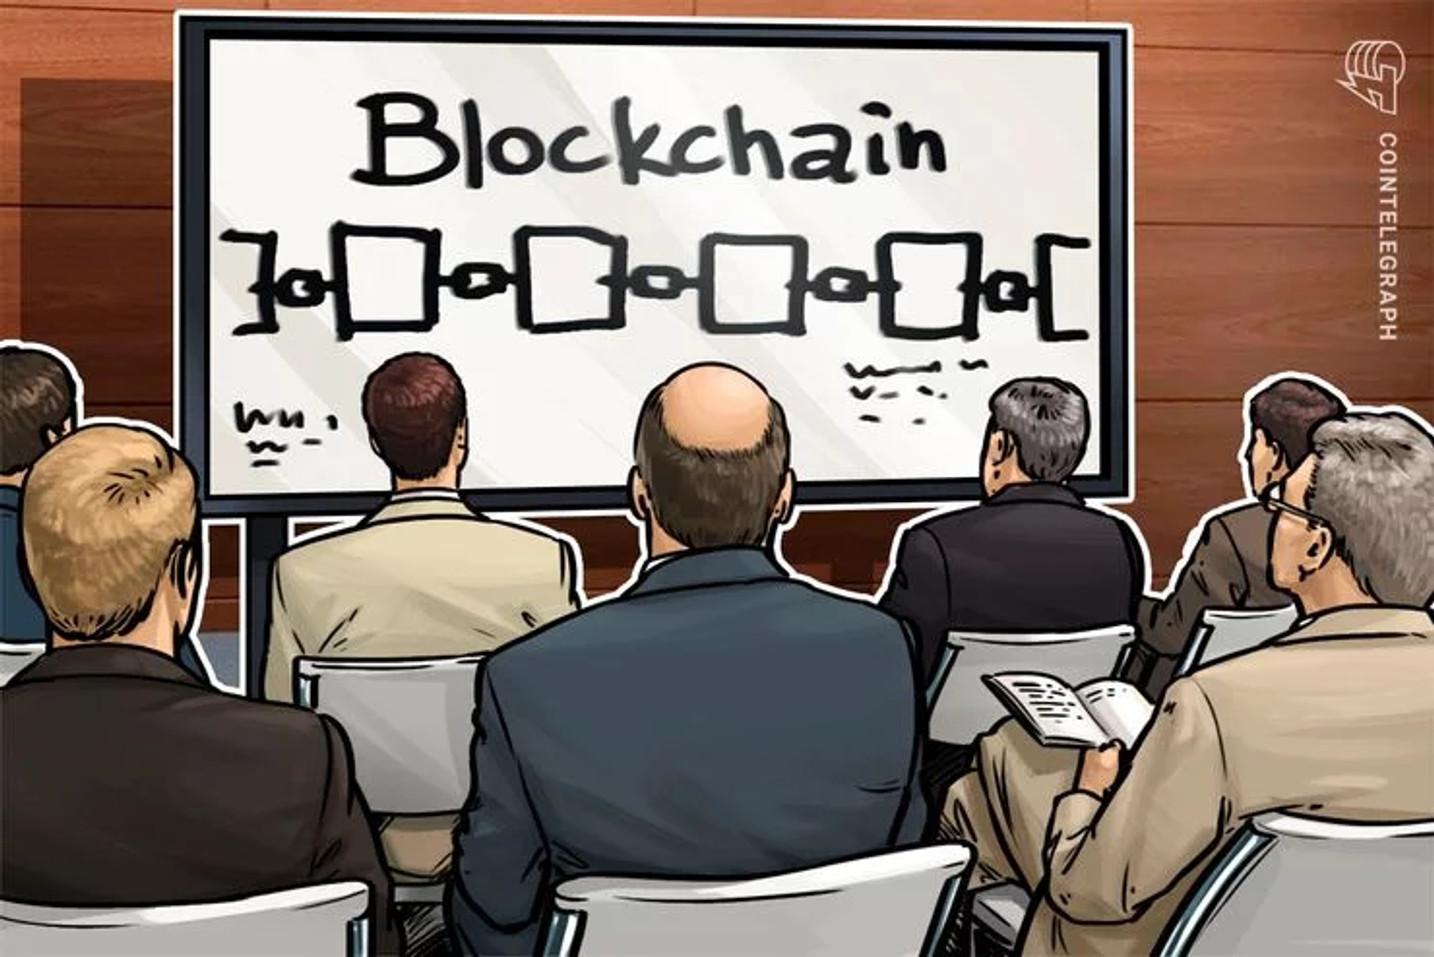 Com coordenação do Ministro Gilmar Mendes, universidades de Brasil e Portugal lançam grupo de estudos sobre blockchain